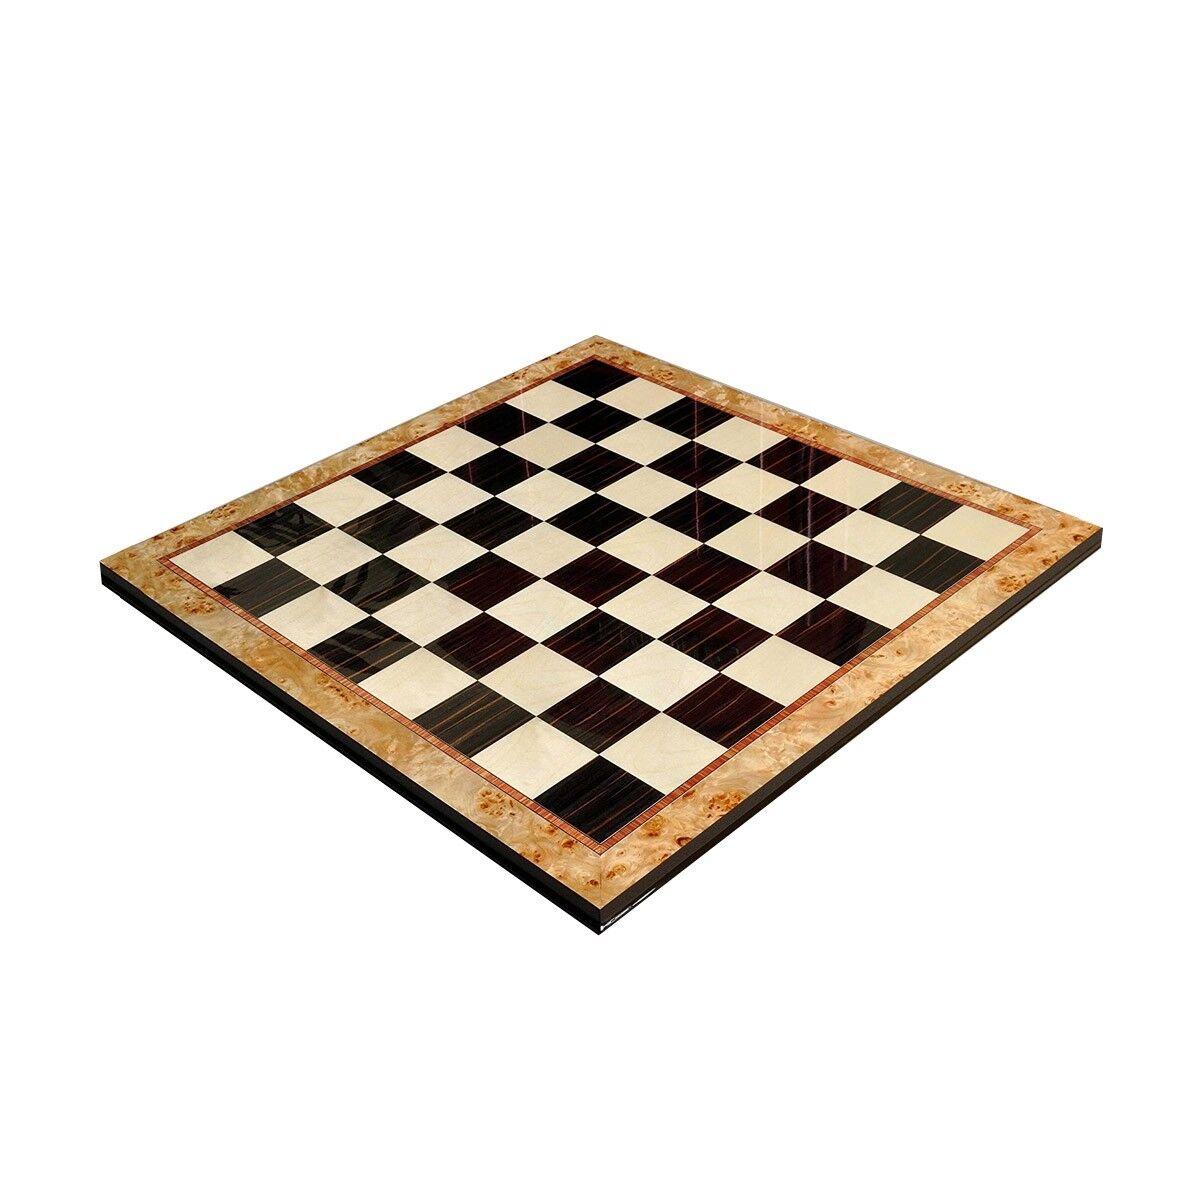 Maple Burl &  ébène Supérieure traditionnelle Chess Board - 2.5  voiturerés  prix ultra bas